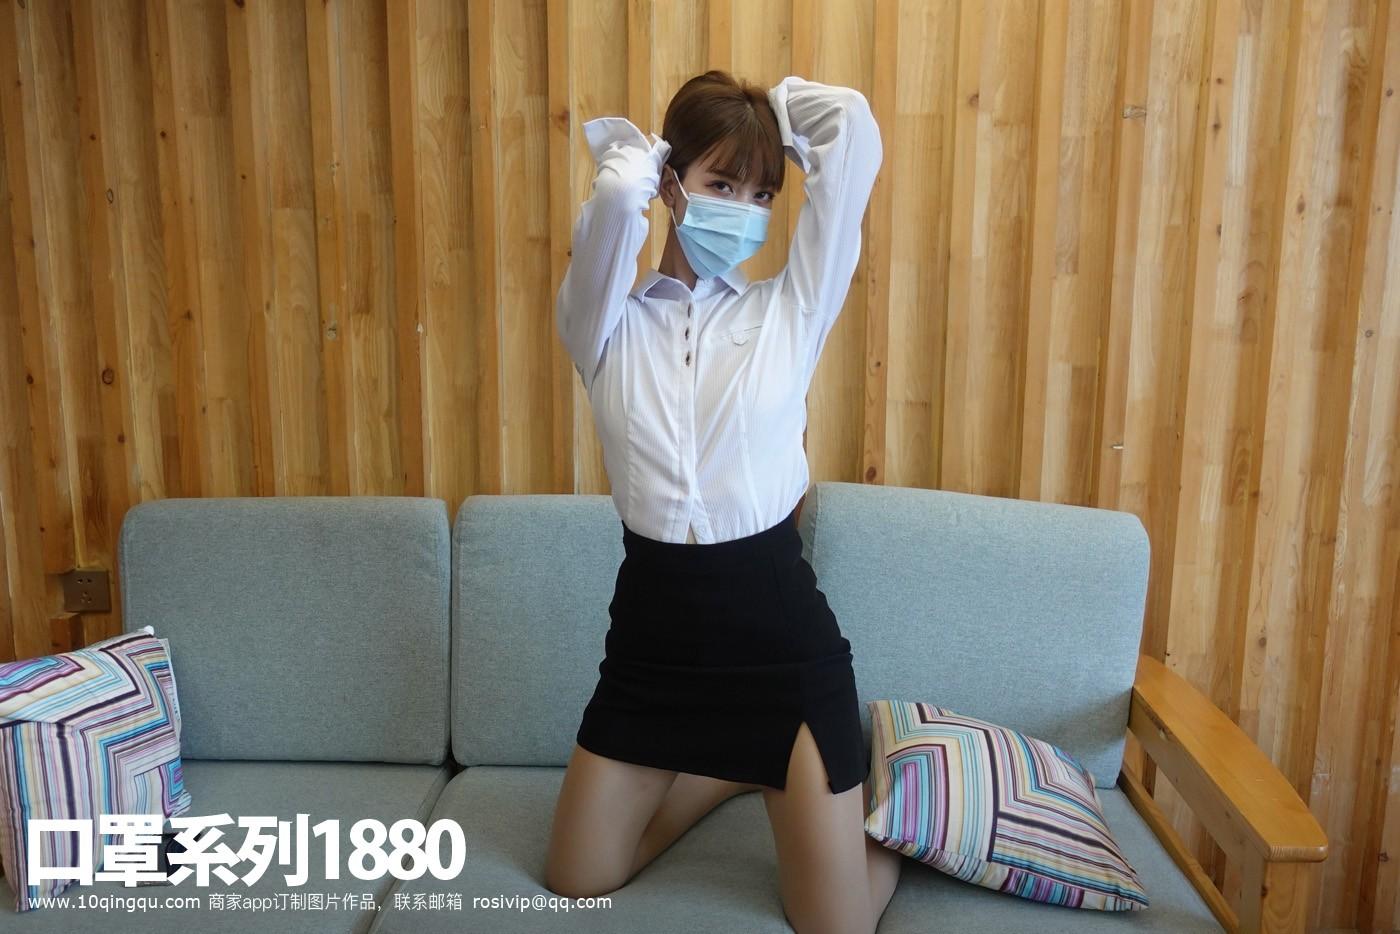 口罩系列1880套装 裙子+丝袜